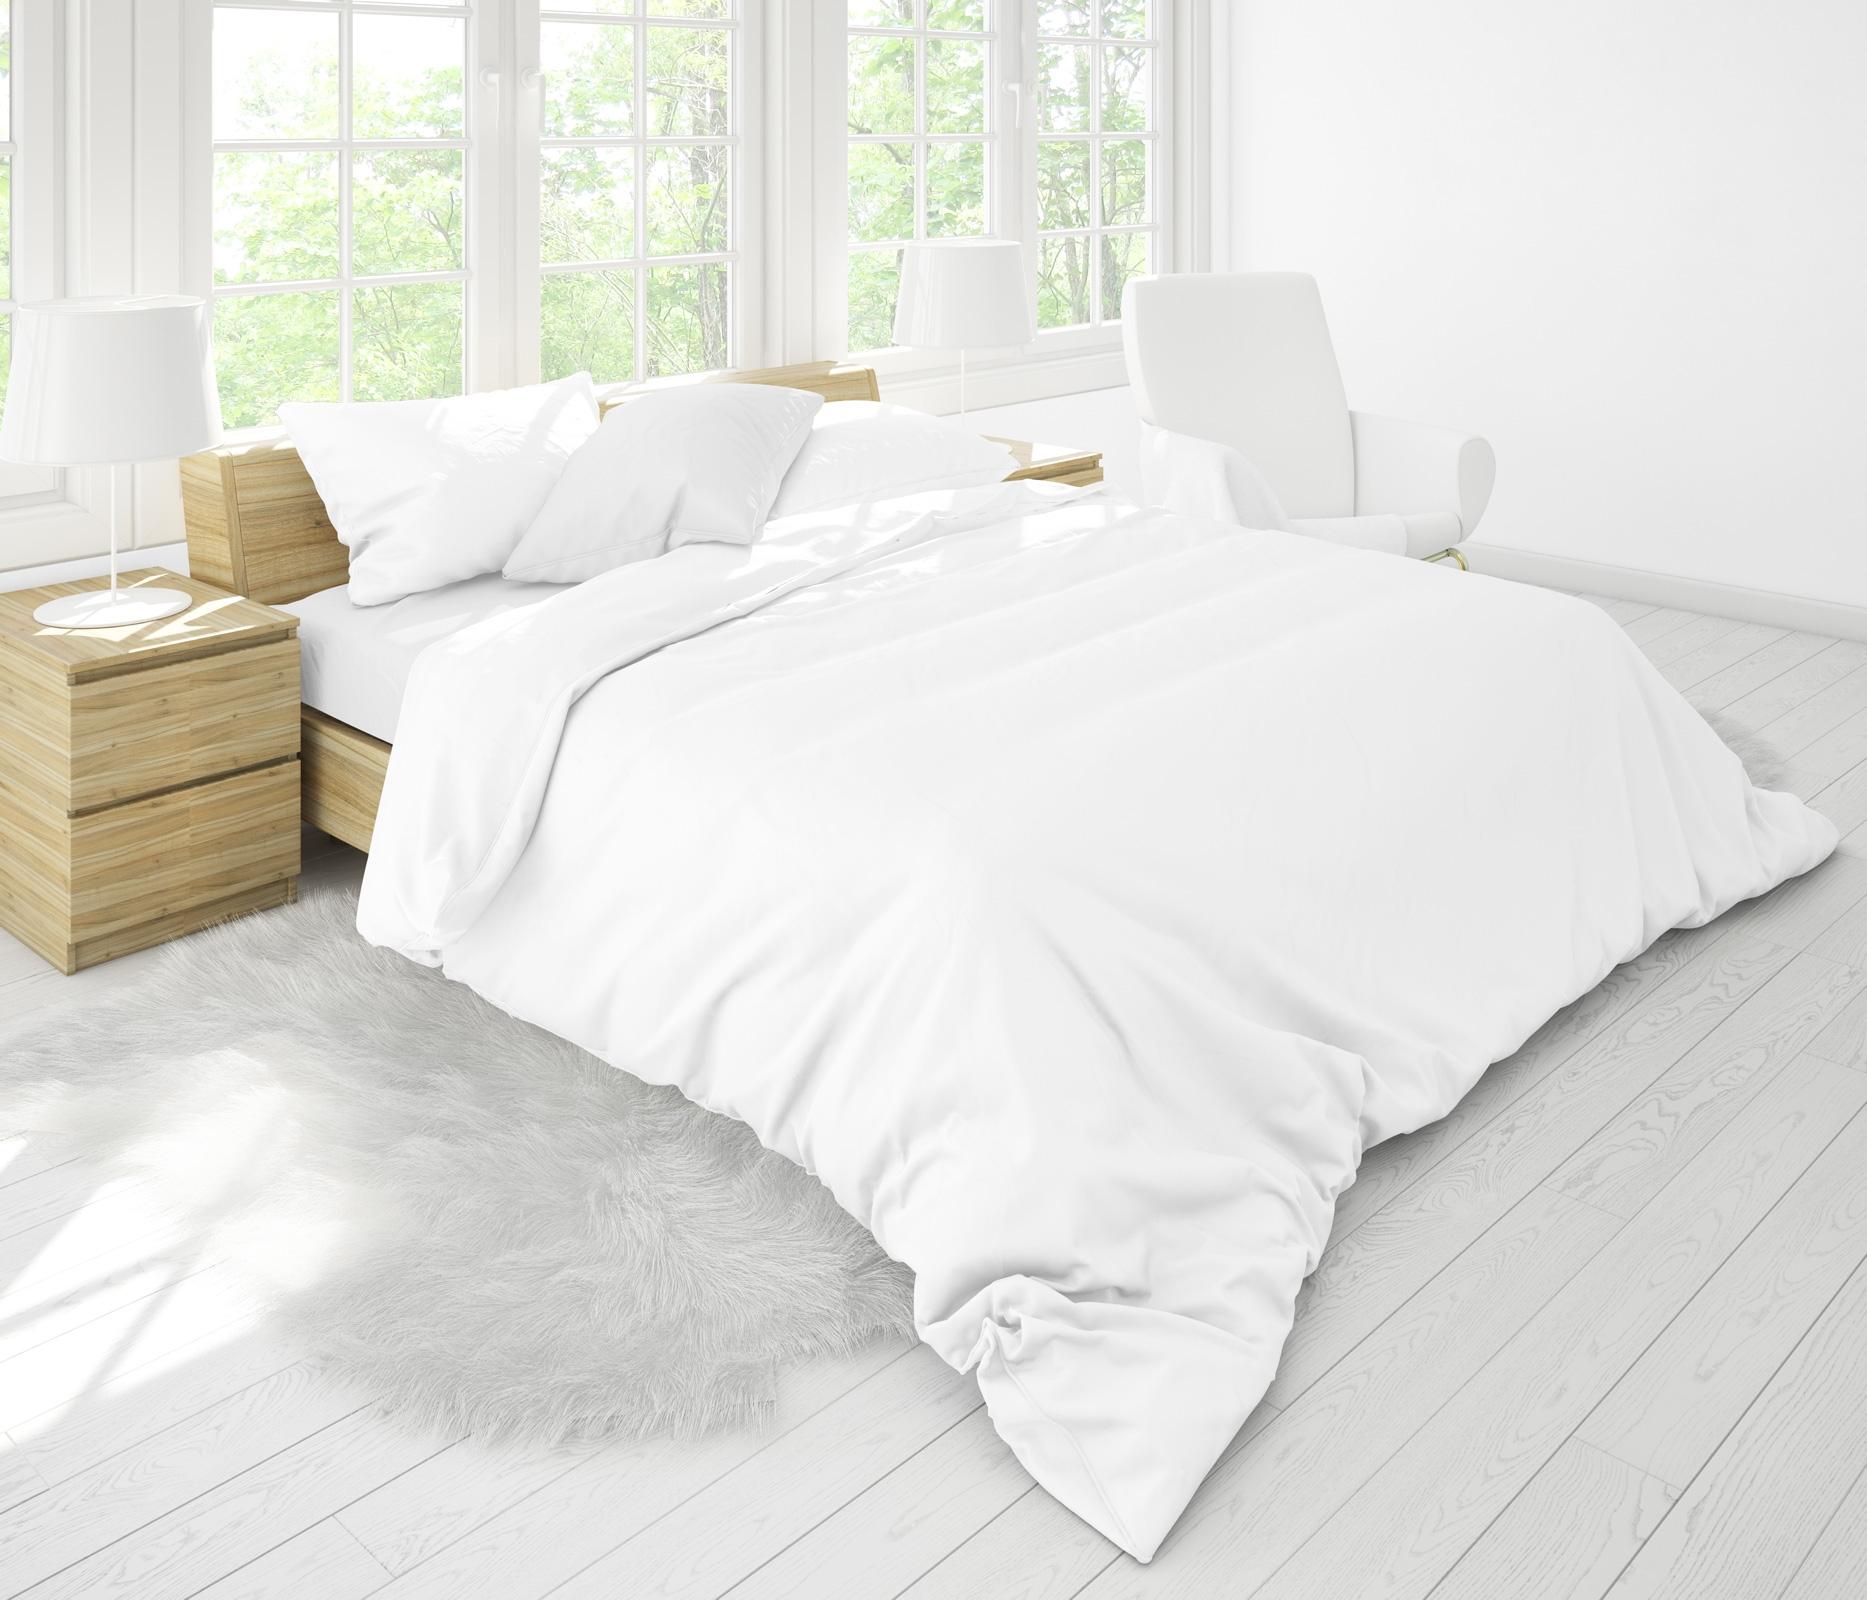 Bettwäsche - Bierbaum Biber Bettwäsche 135x200 80x80 cm Made in Germany uni weiß W6  - Onlineshop PremiumShop321